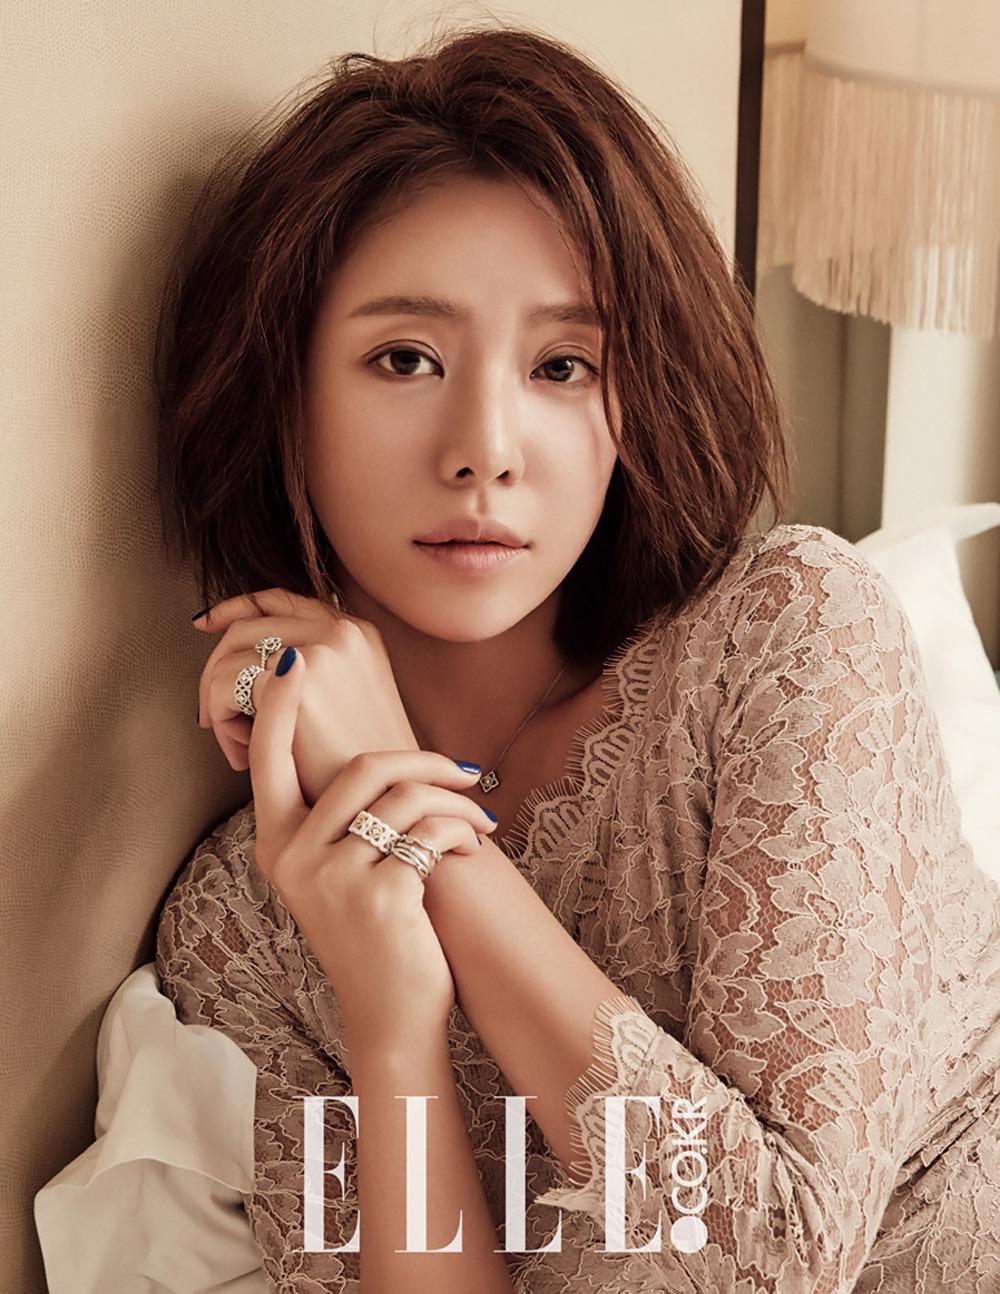 HOT: Hwang Jung Eum (She Was Pretty) mang thai lần 2 sau 1 năm gần ly dị chồng đại gia - Ảnh 2.